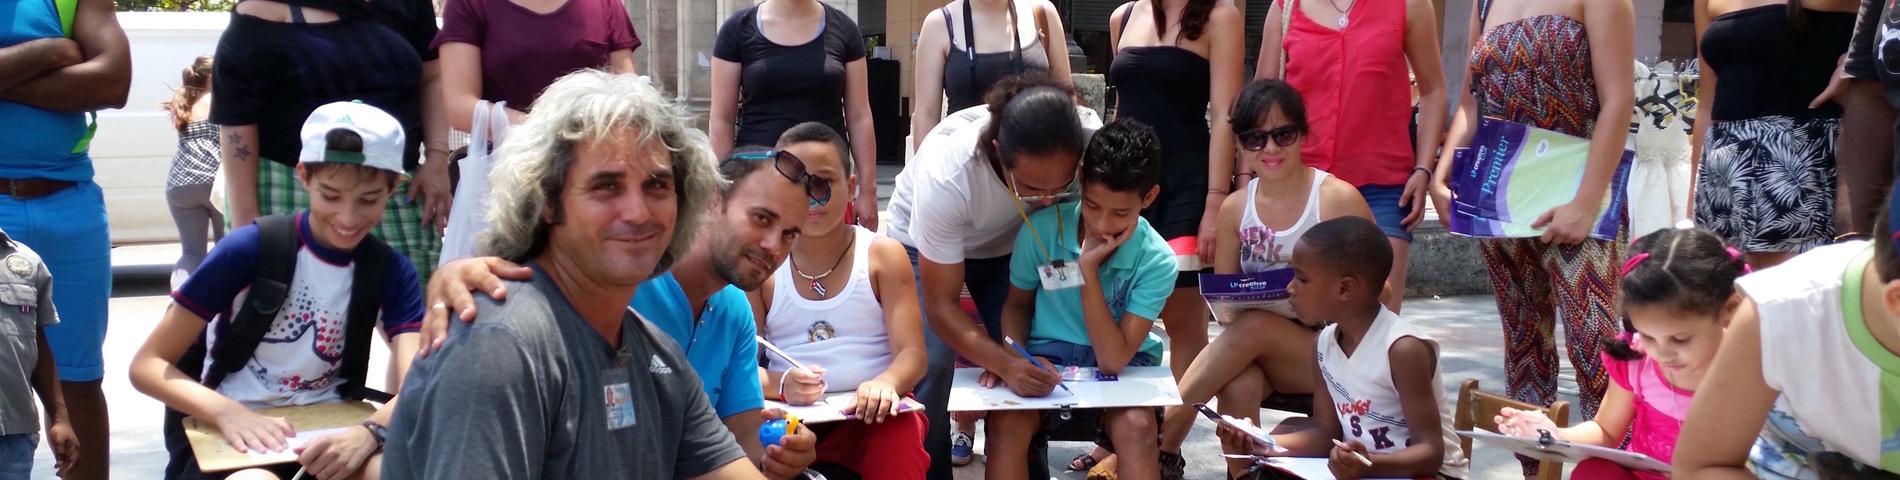 Corazón Cuba picture 1